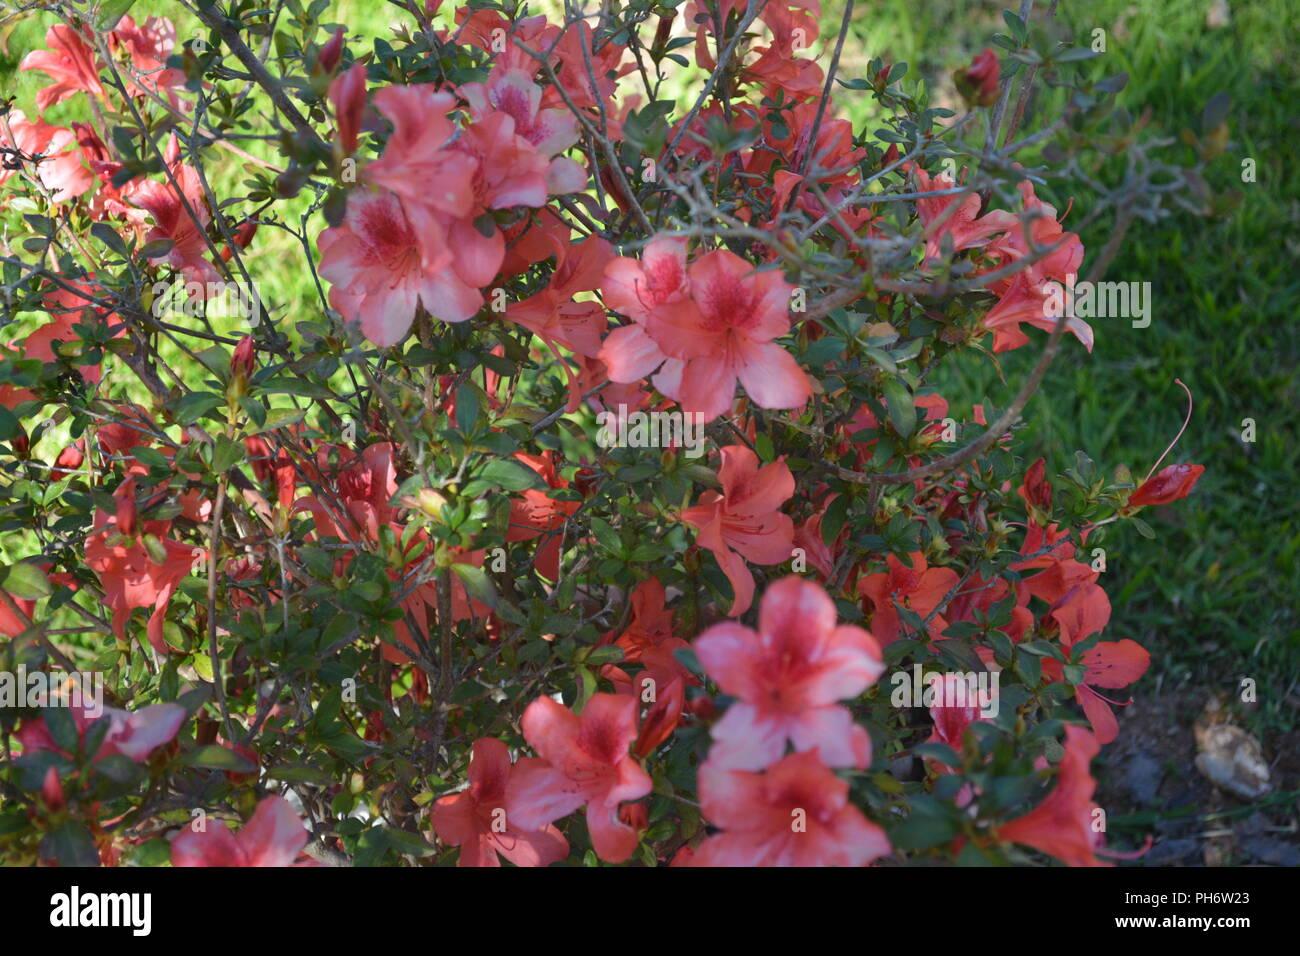 Encantadora naturaleza. La maravillosa naturaleza, cada día se nos presenta con sus colores, sus flores, y nos permite disfrutar de la vista con la belleza. Imagen De Stock